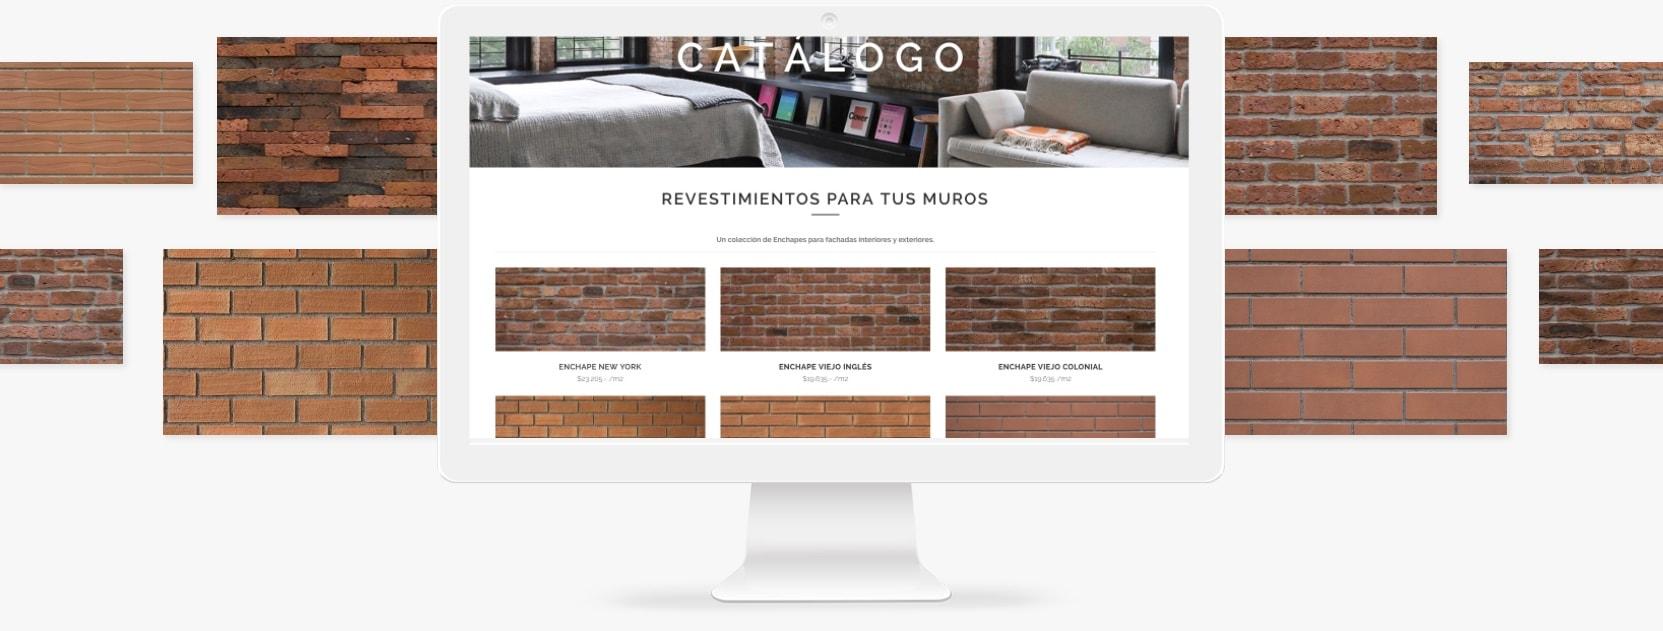 Catalogo muros ladrillo revestimientos mda - Revestimientos de muros exteriores ...